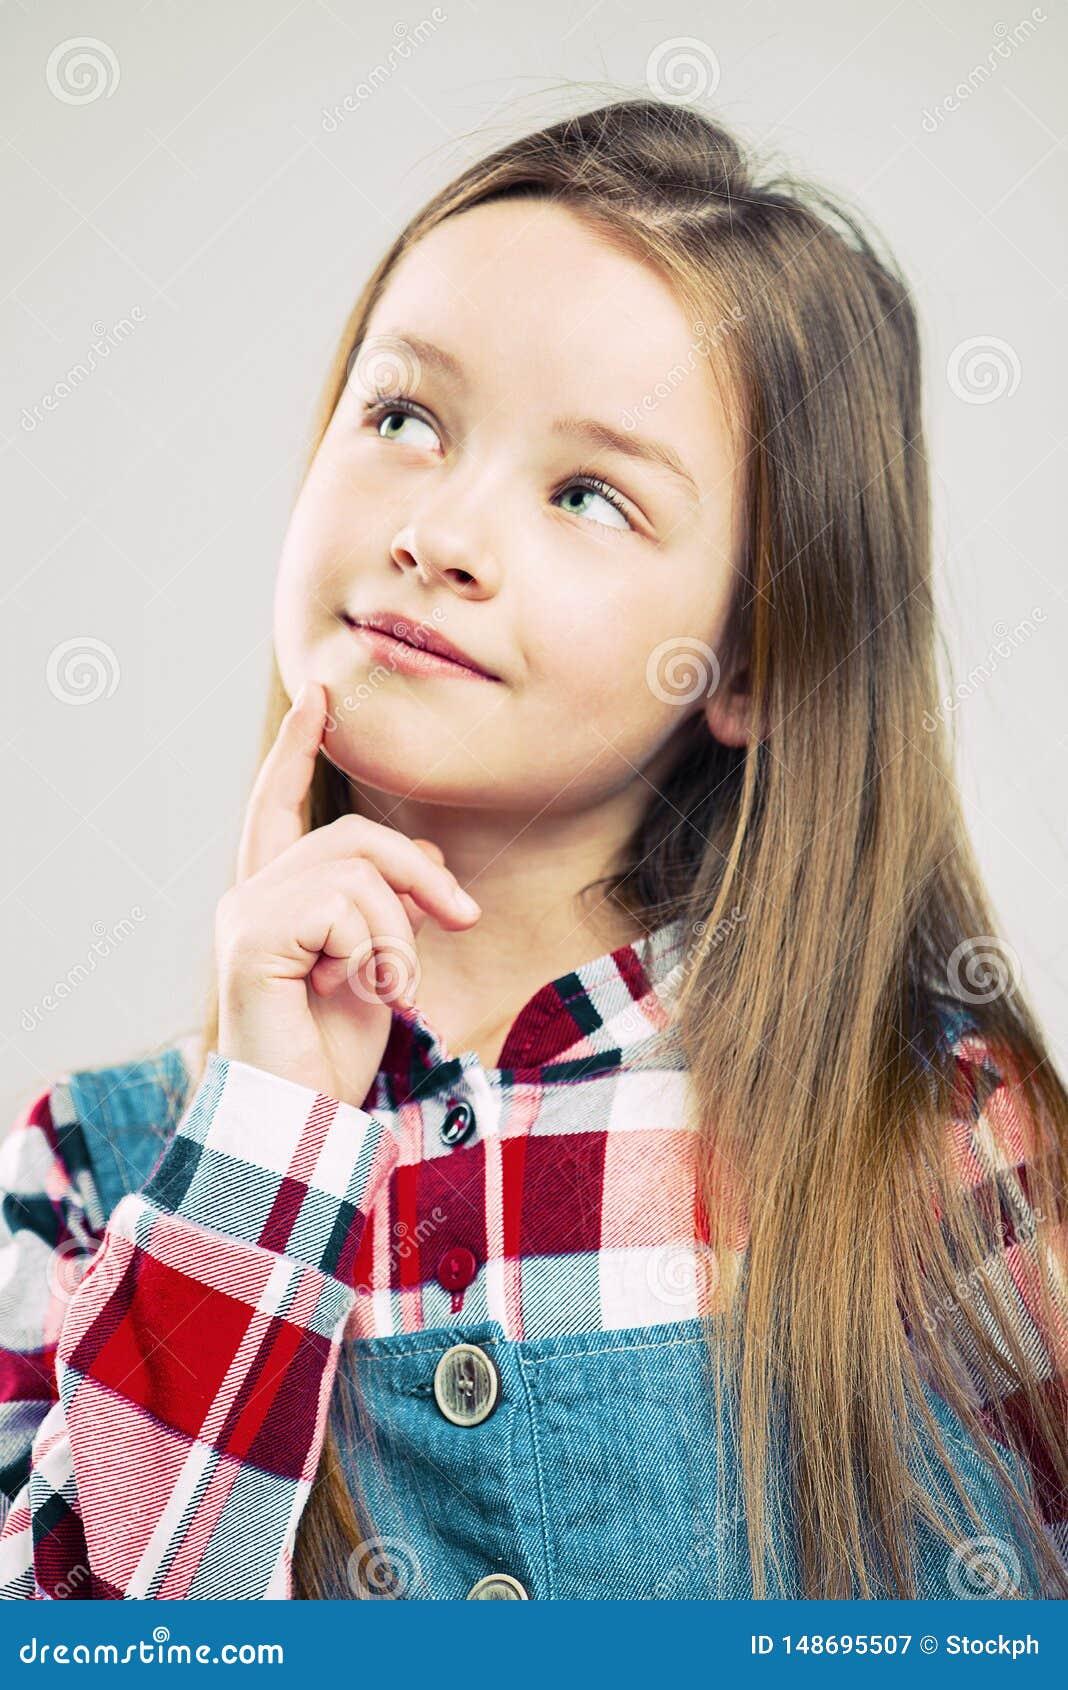 Ma?y portret s?odk? dziewczyn? dzieciak moda dziecko my?le? i marz?cy w g?r? dziecko emocja